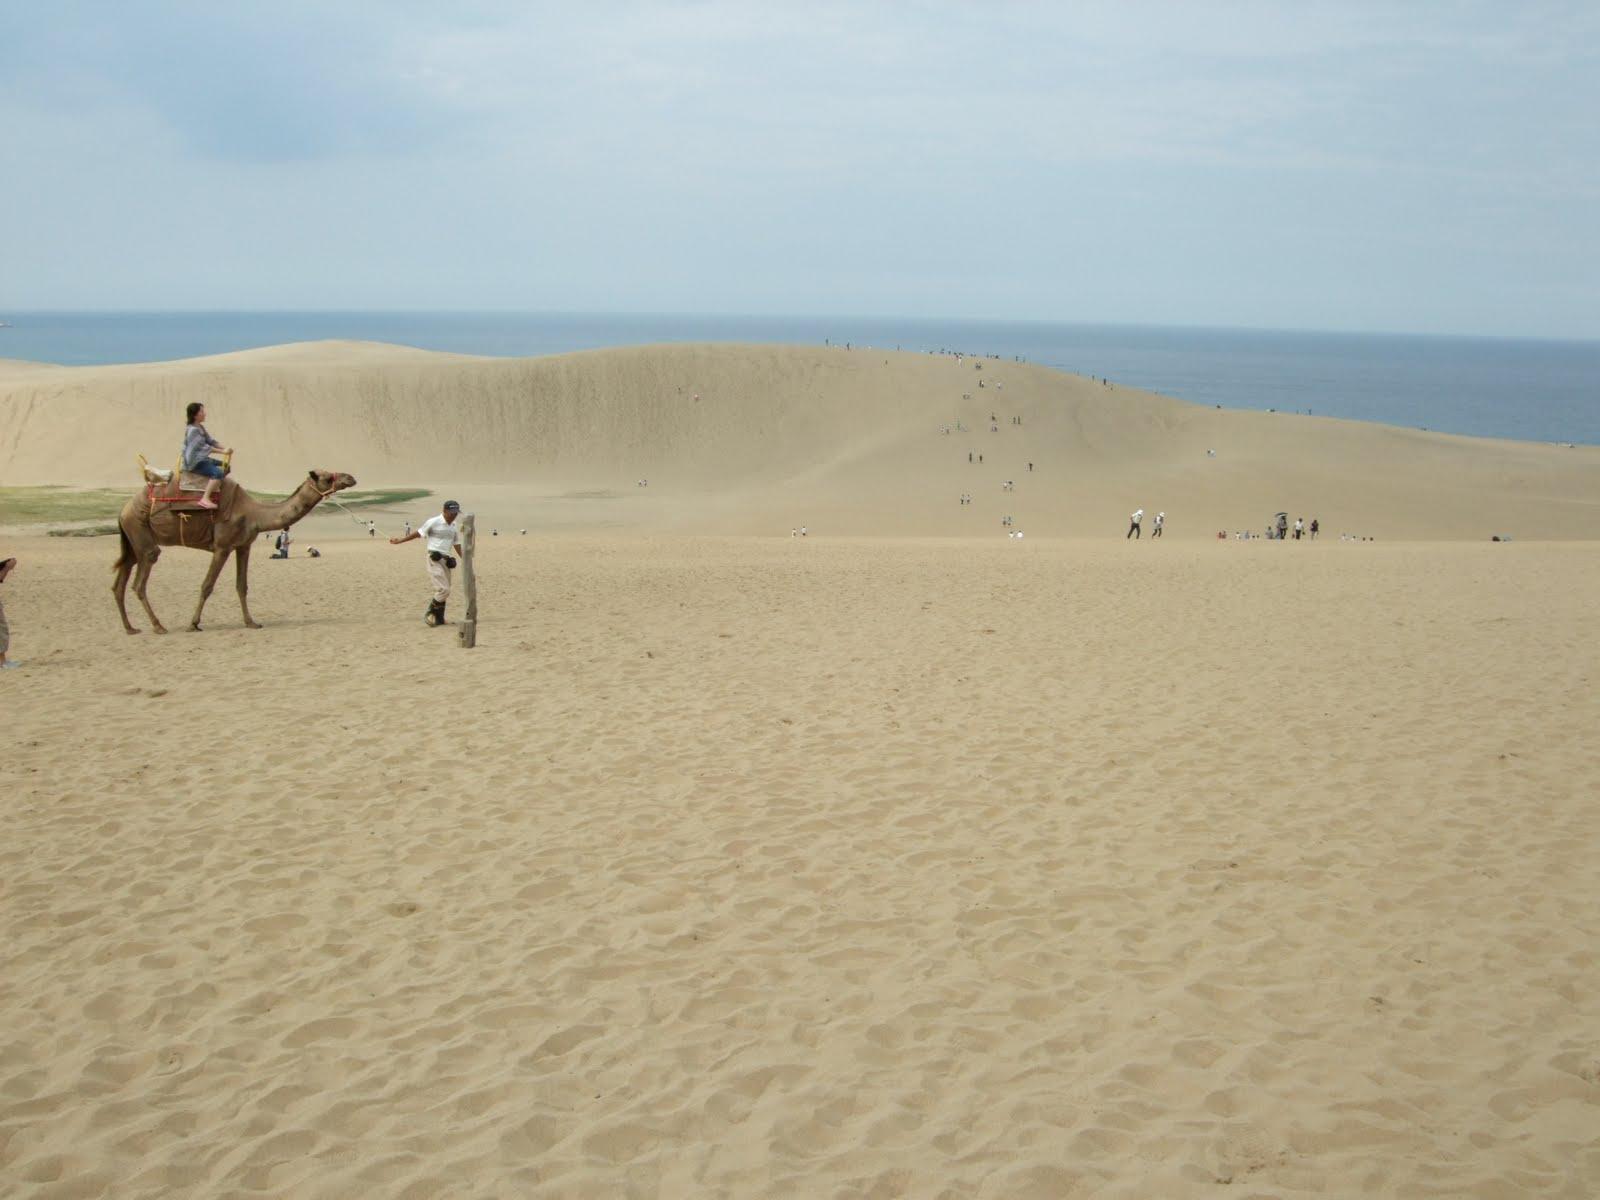 鳥取砂丘 に対する画像結果